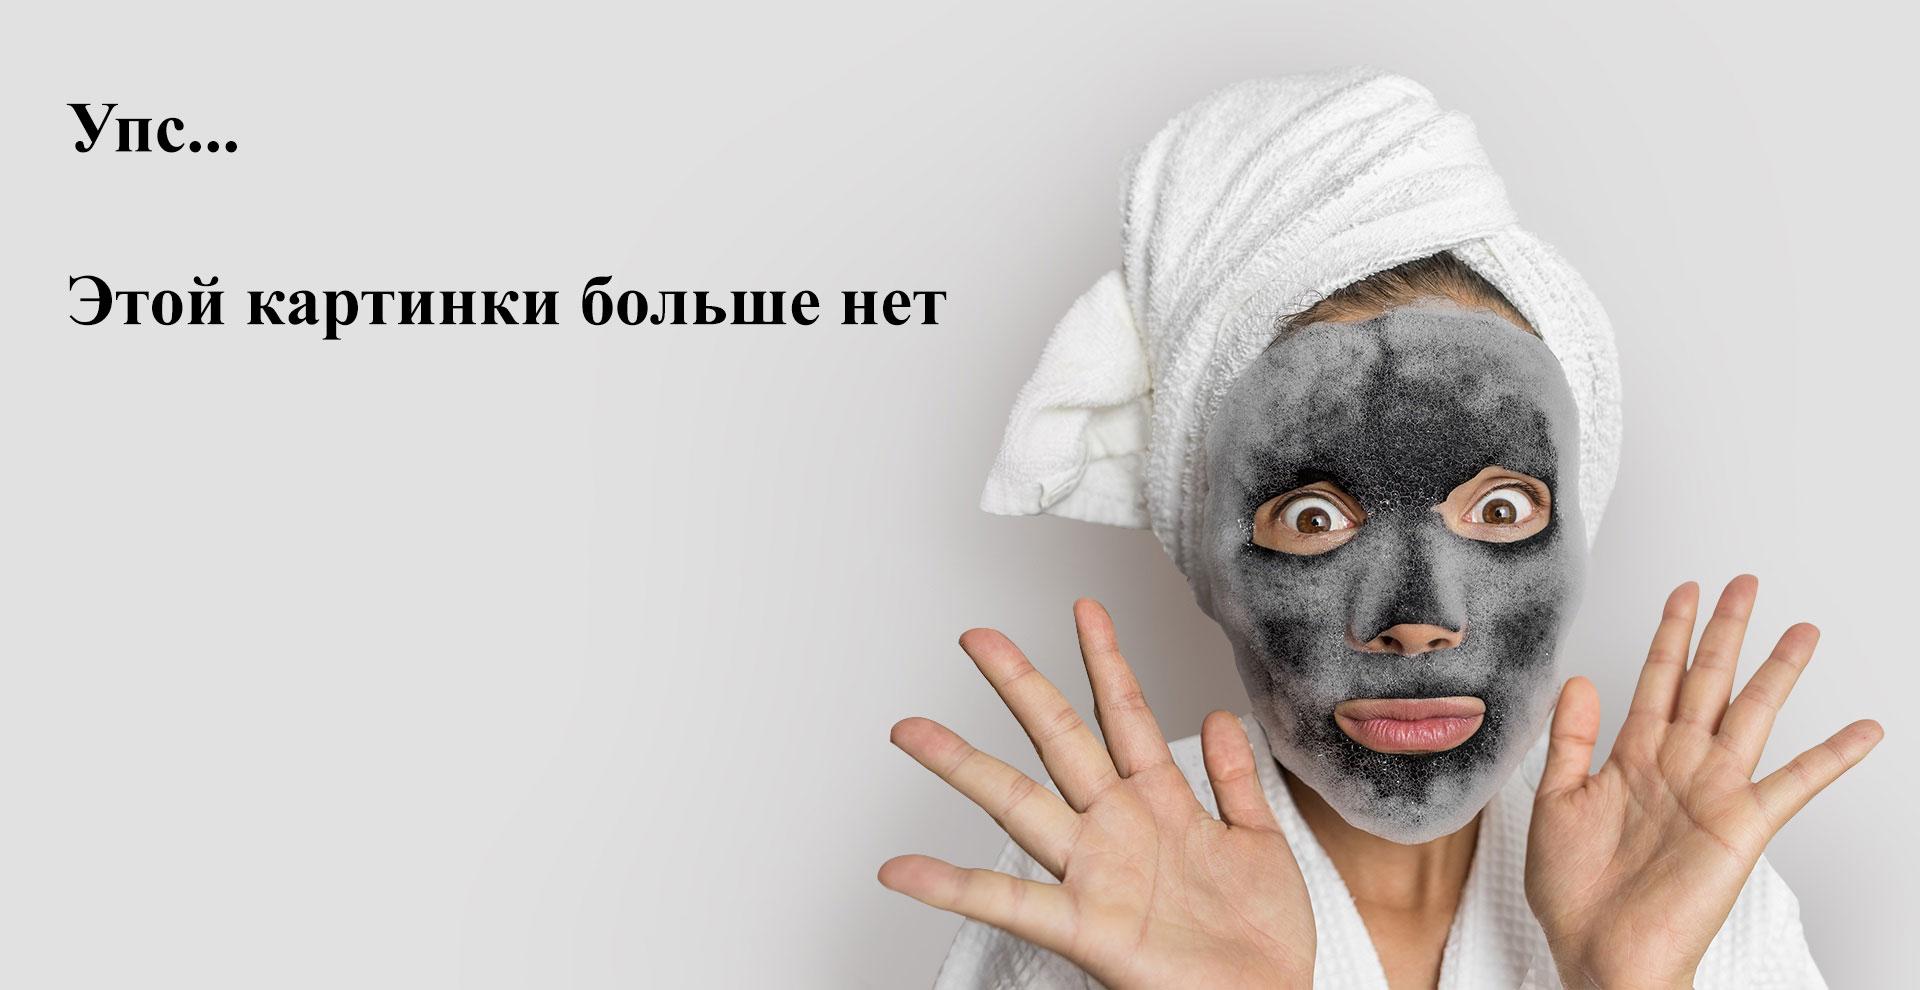 Vichy, Лосьон для снятия макияжа Purete Thermale, 100 мл